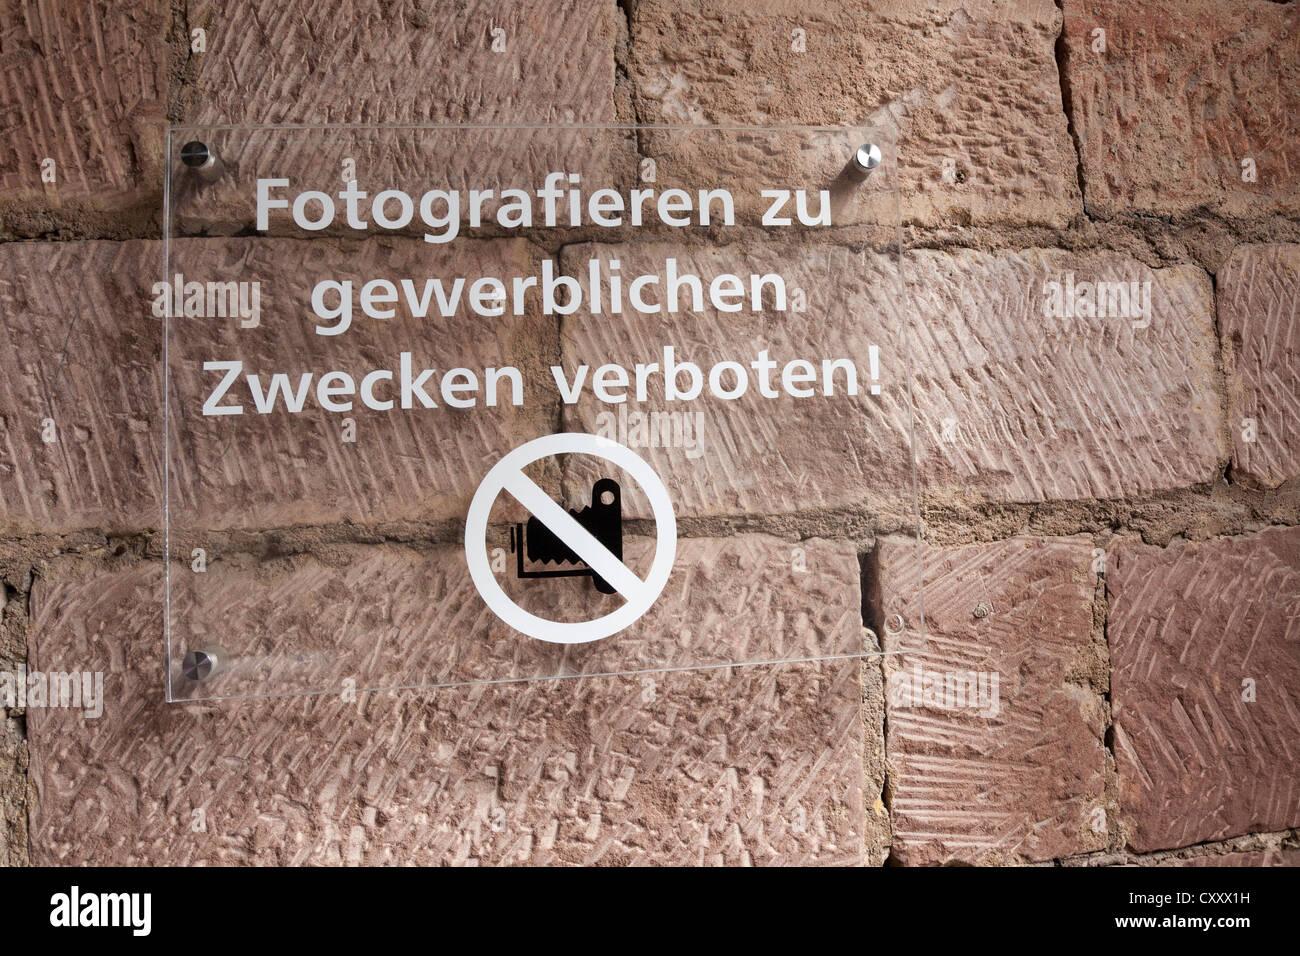 Prohibition sign, Fotografieren zu gewerblichen Zwecken verboten!, German for Photography prohibited for commercial - Stock Image